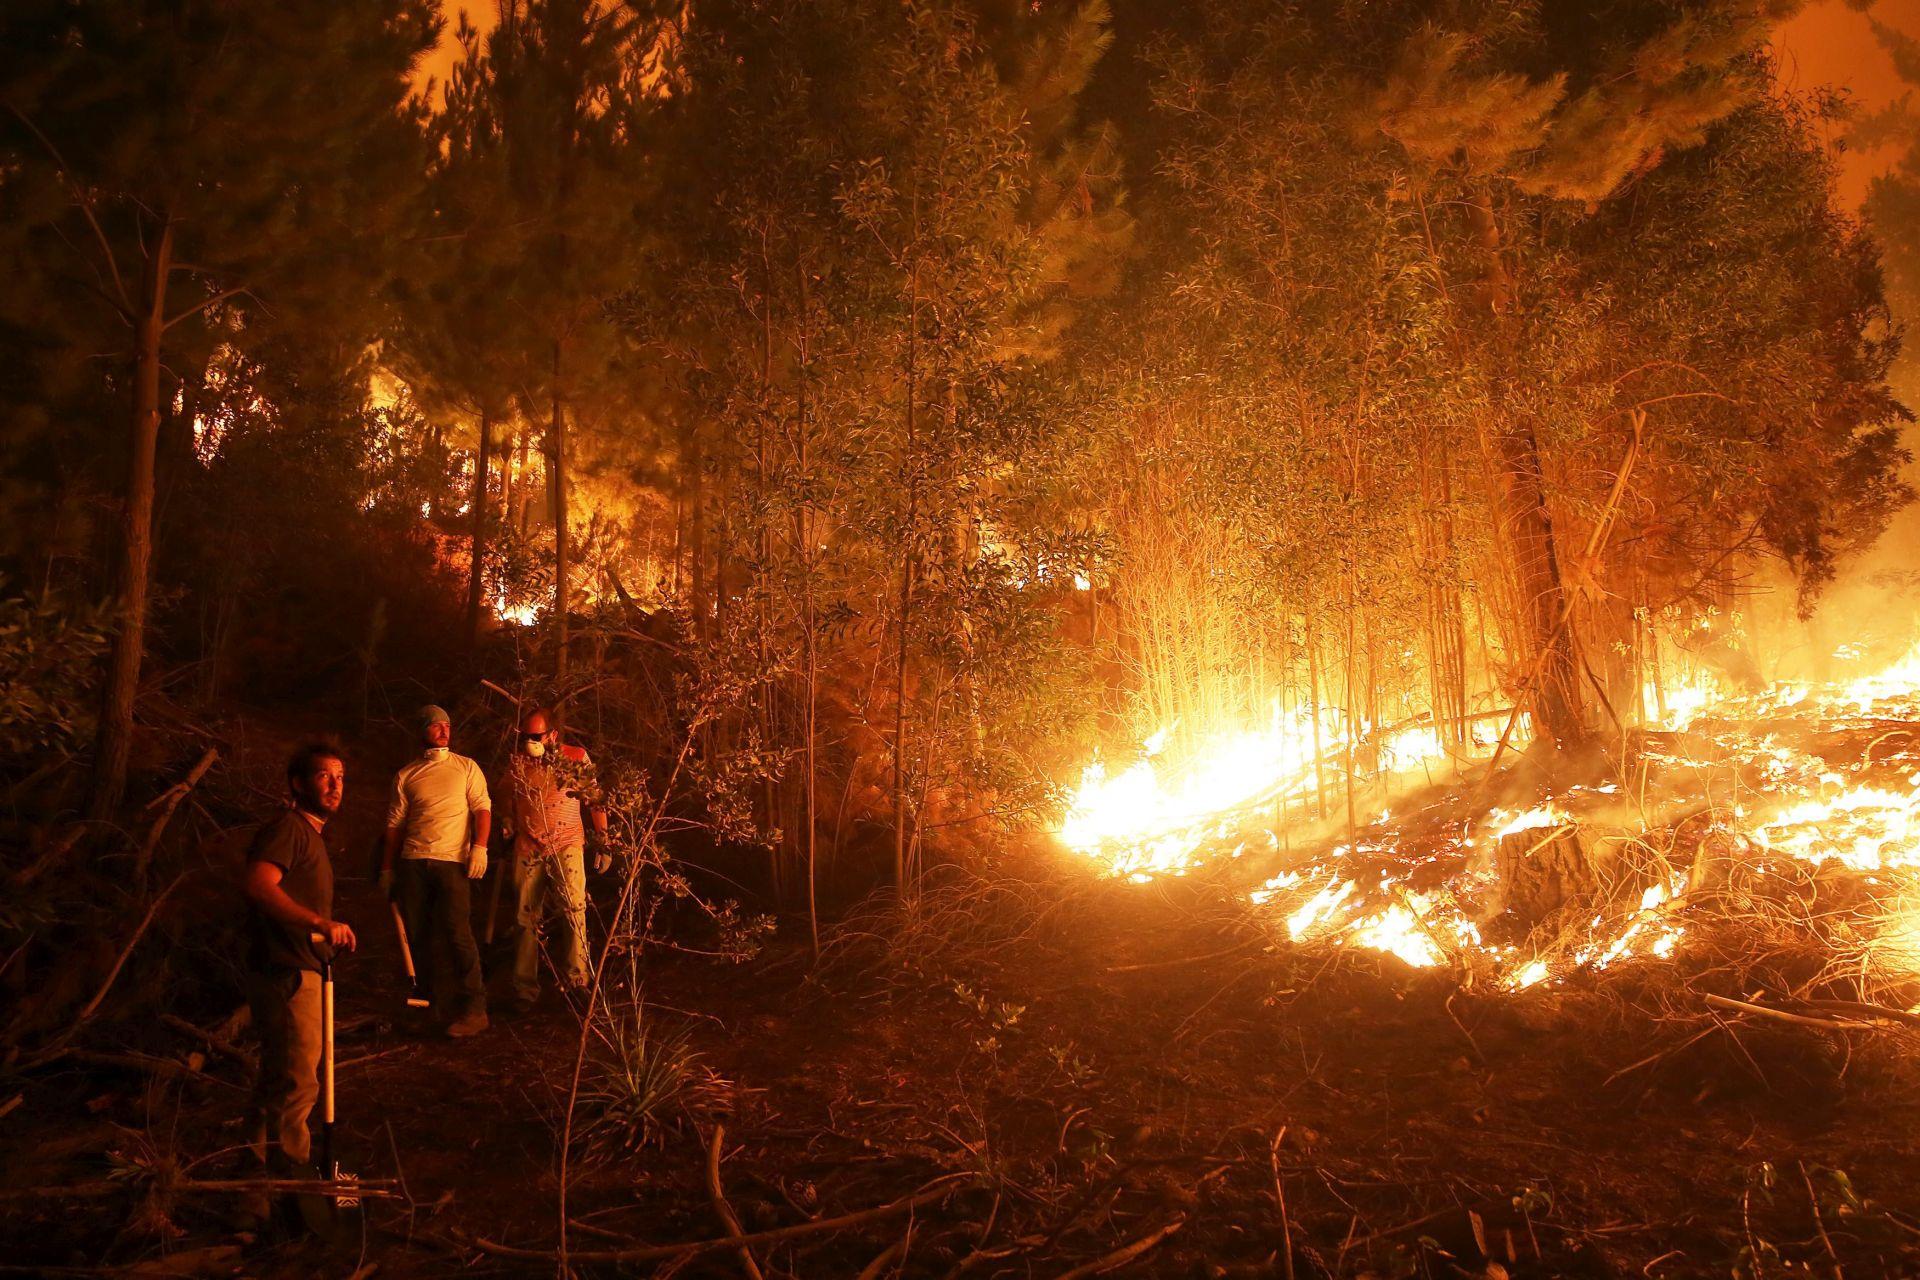 ŠUMSKI POŽARI: U Čileu poginulo šest osoba, opustošeno 190.000 hektara